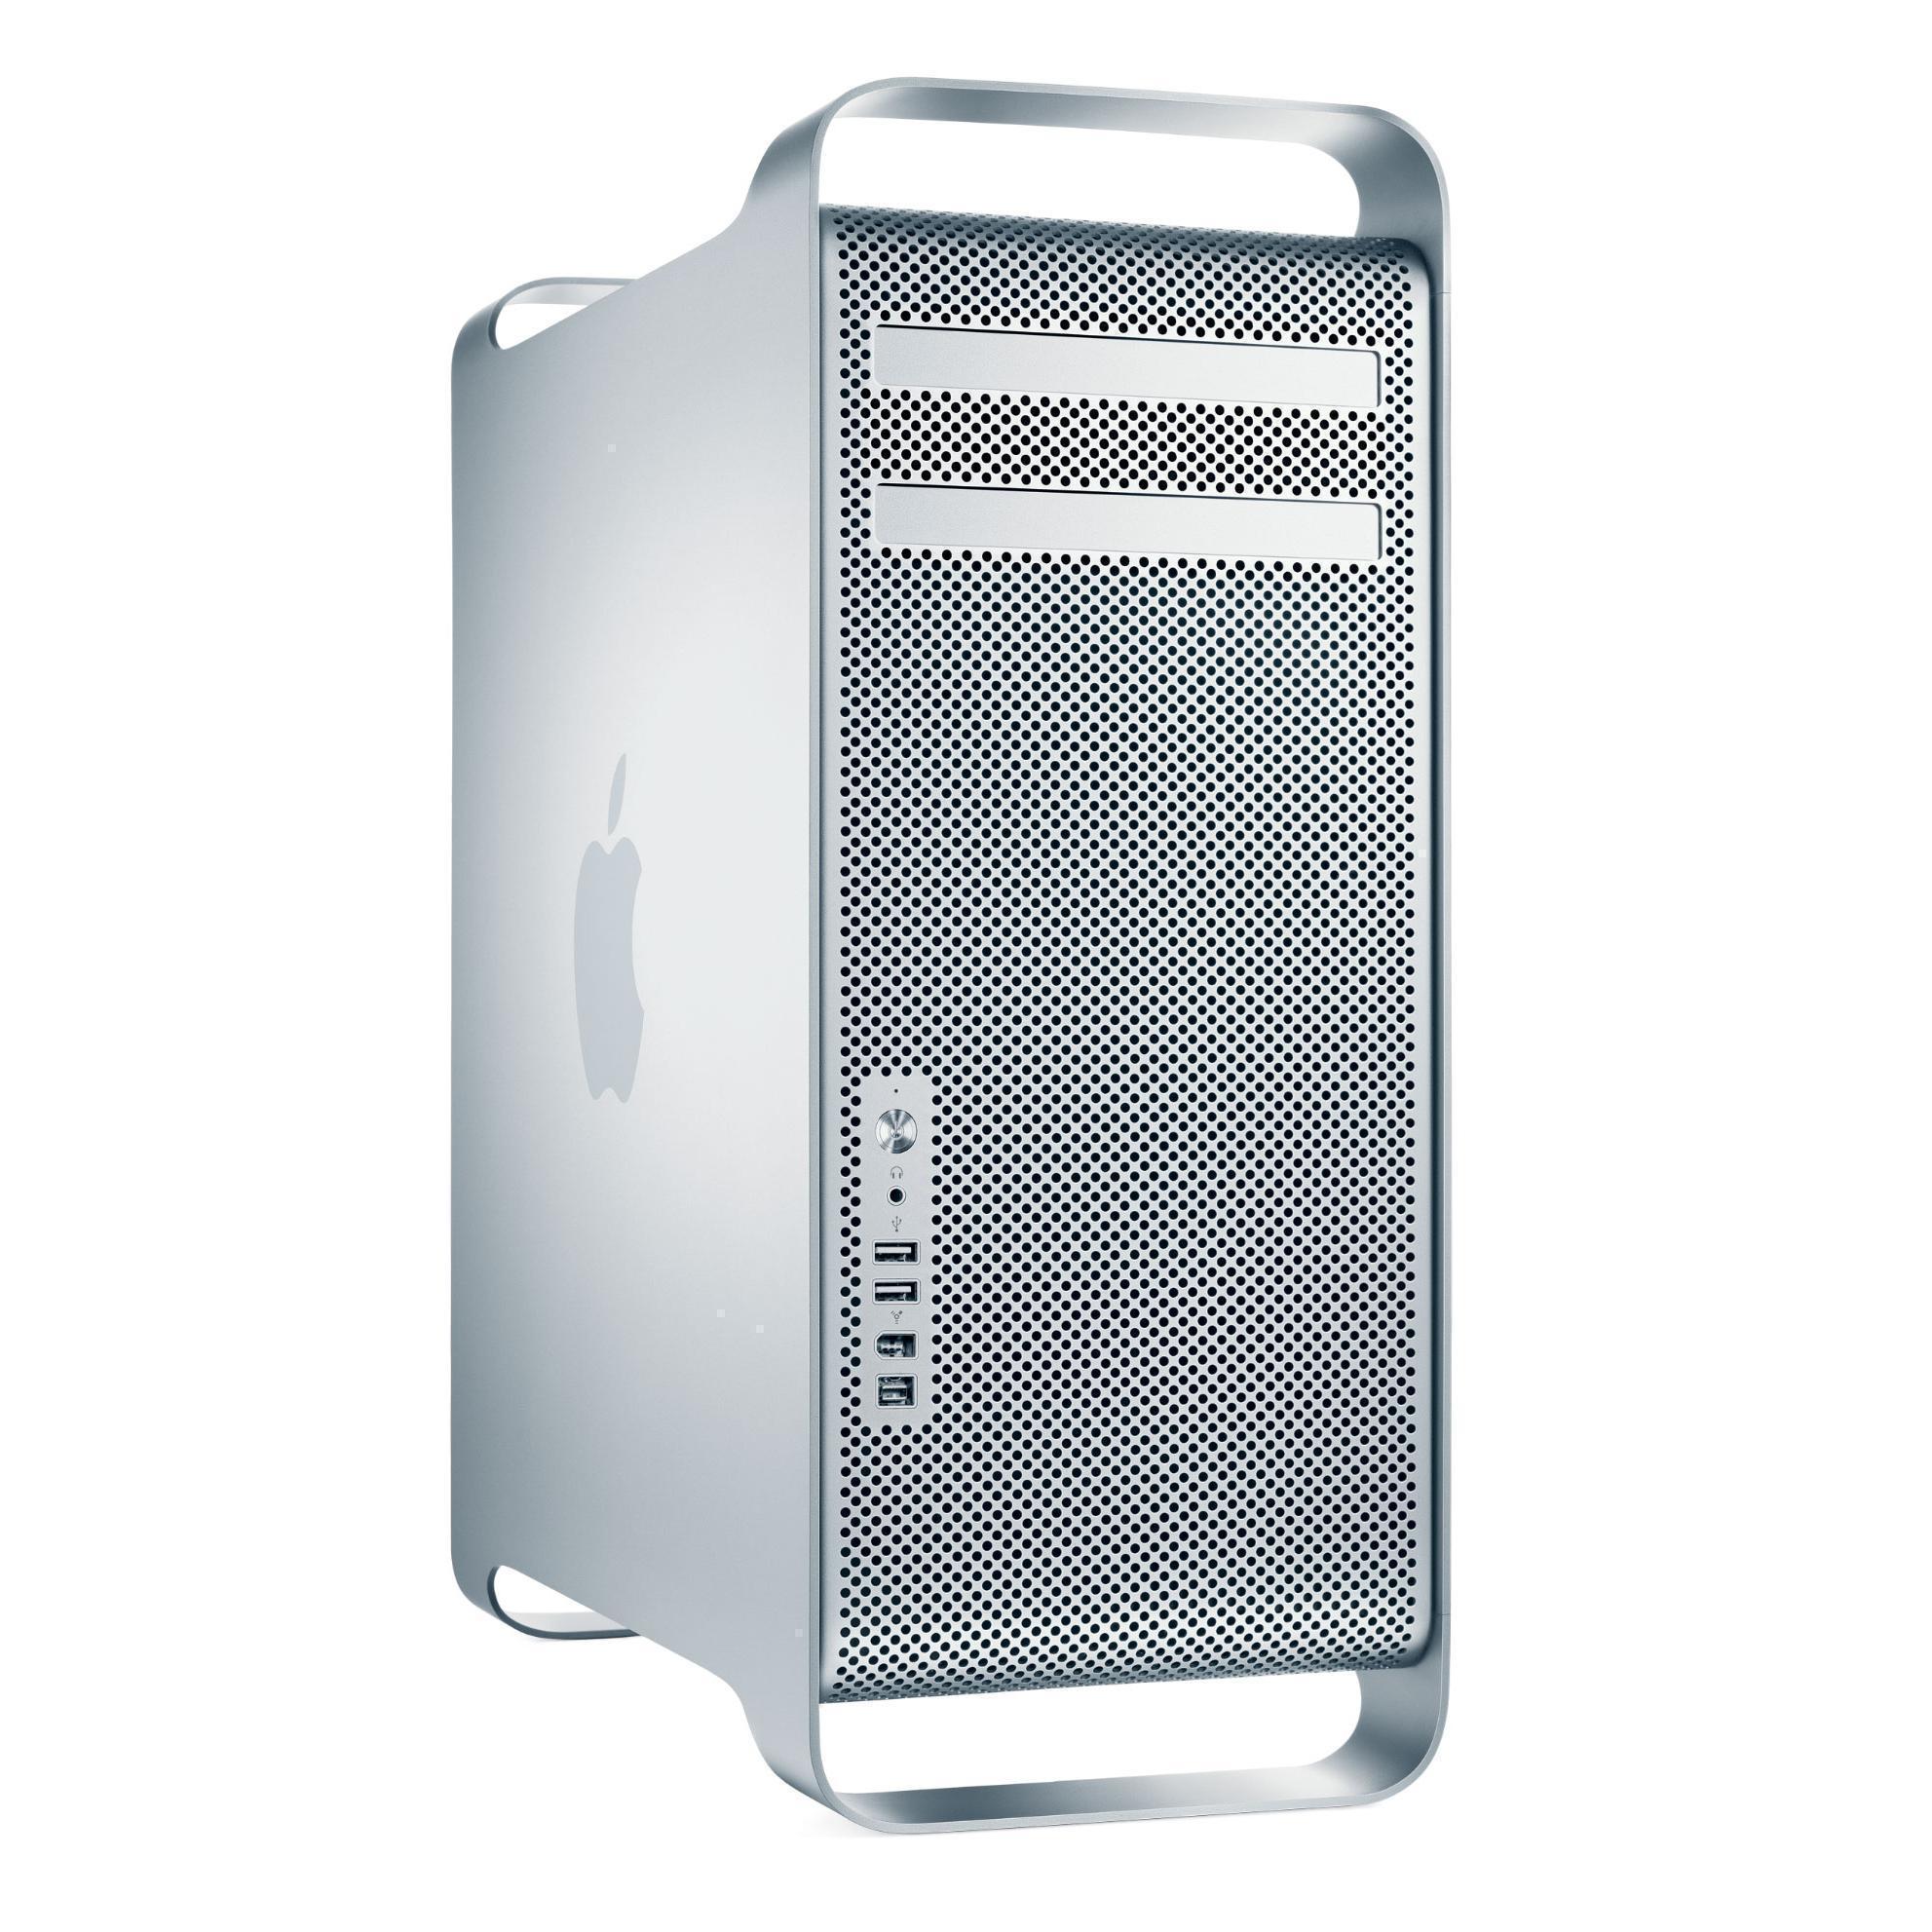 Mac Pro (Marzo 2009) Xeon 2,26 GHz  - HDD 1 TB - 16GB